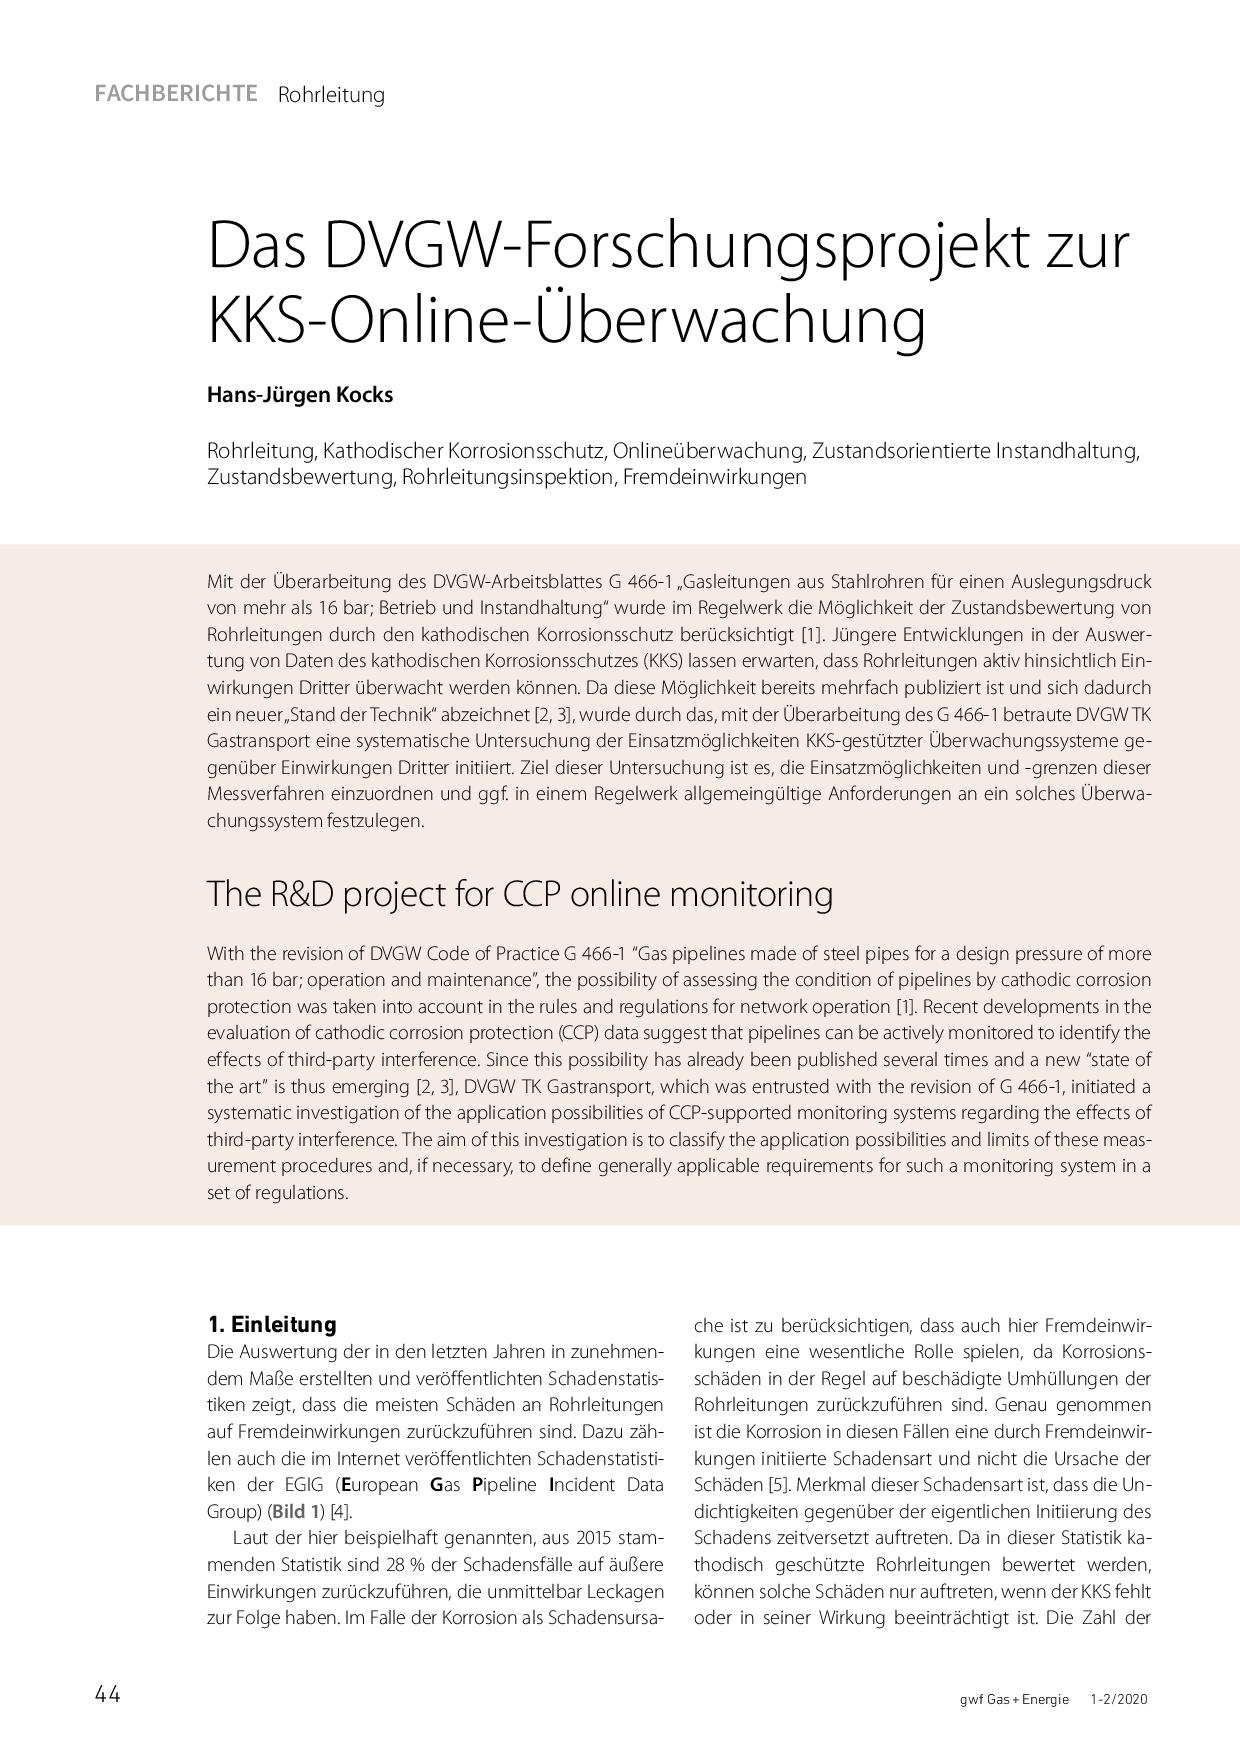 Das DVGW-Forschungsprojekt zur KKS-Online-Überwachung